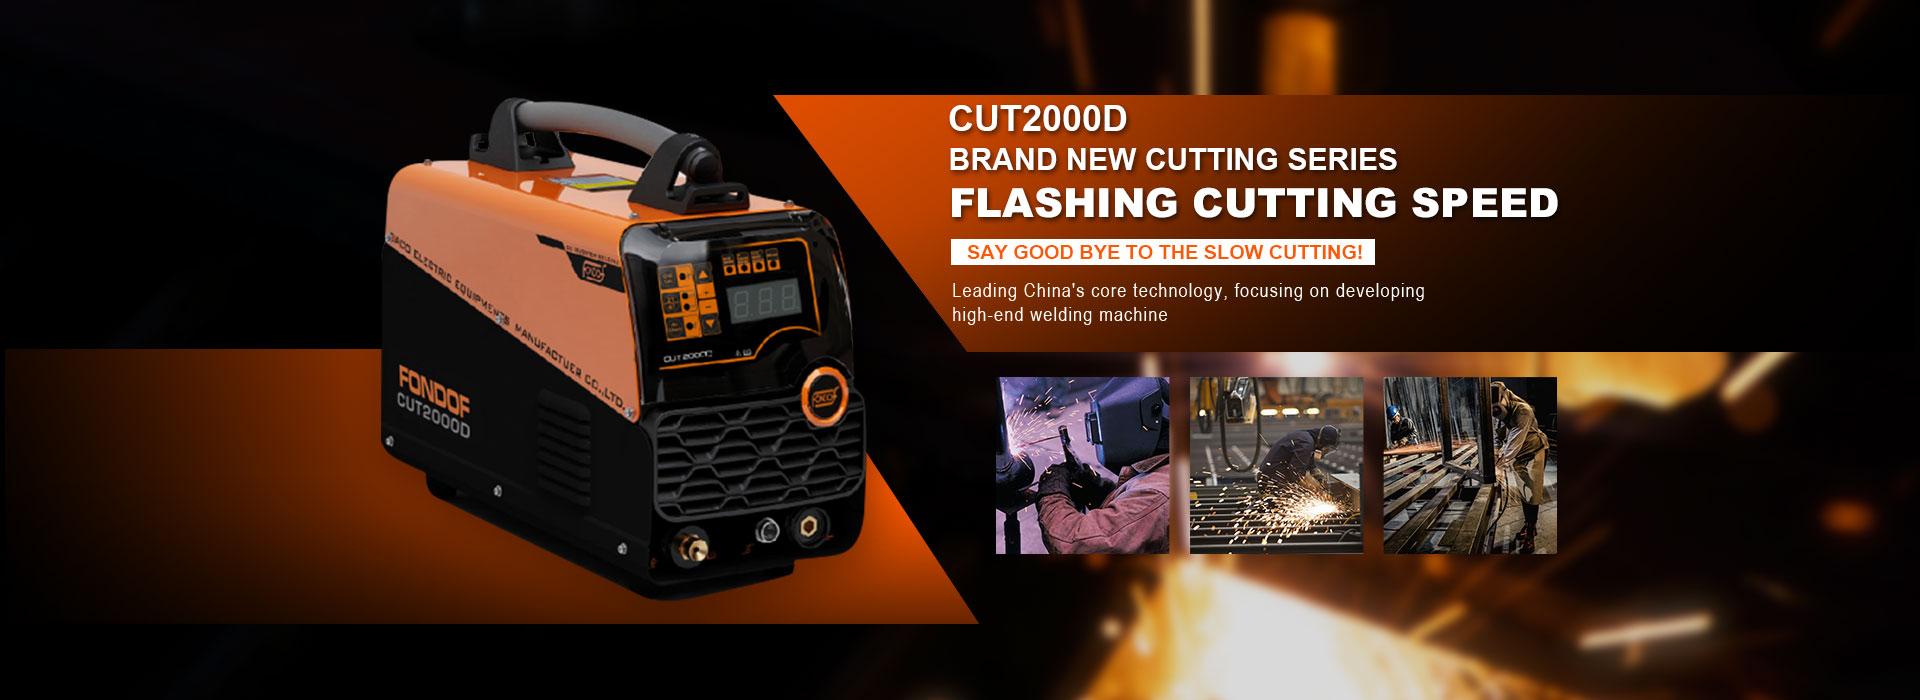 AIR Plasma Cutting Machines  CUT 2000DN